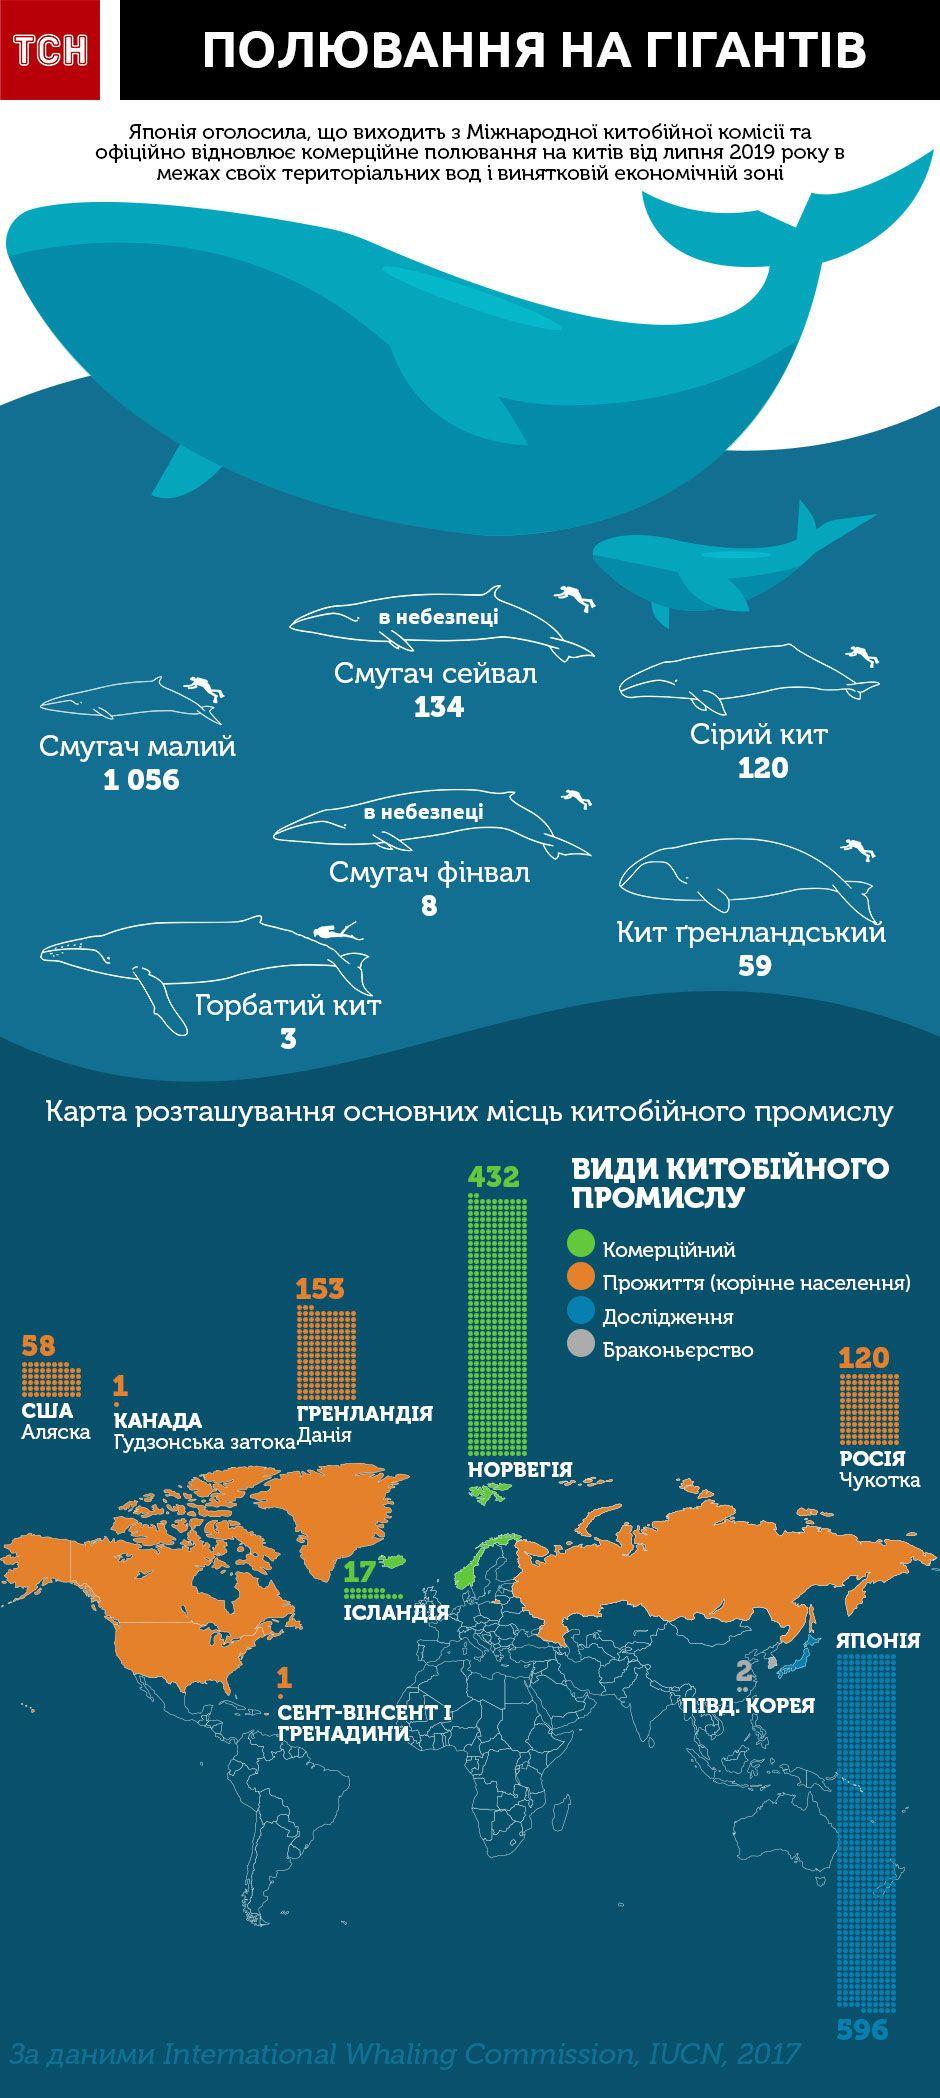 полювання на китів, китобої, інфографіка